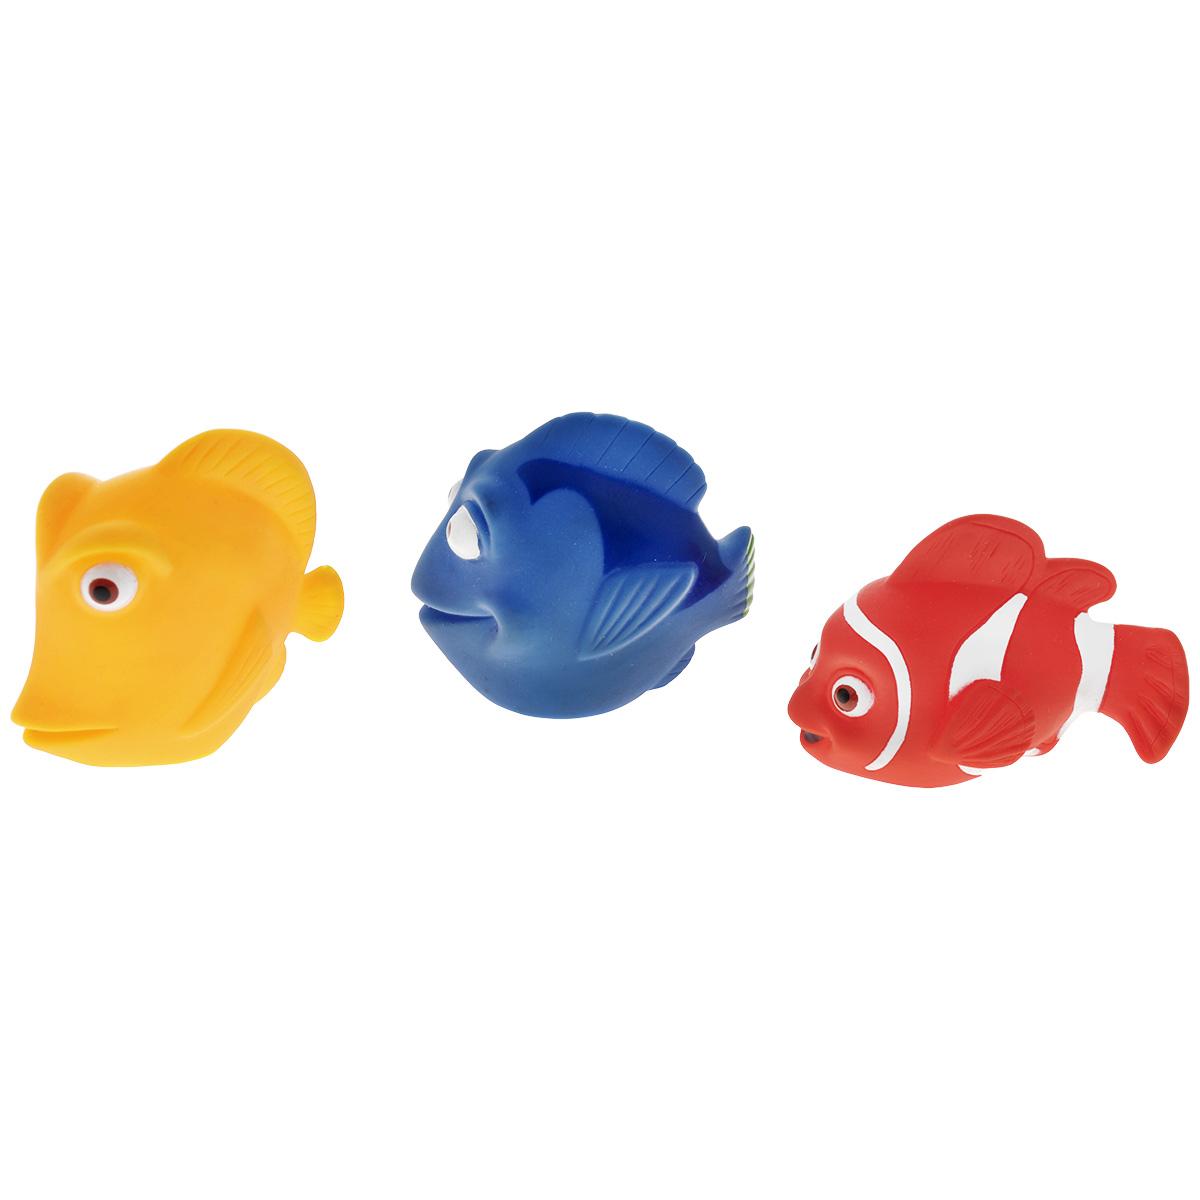 Игровой набор для ванны Mioshi Коралловый риф, 3 шт игрушки для ванны tolo toys набор ведерок квадратные